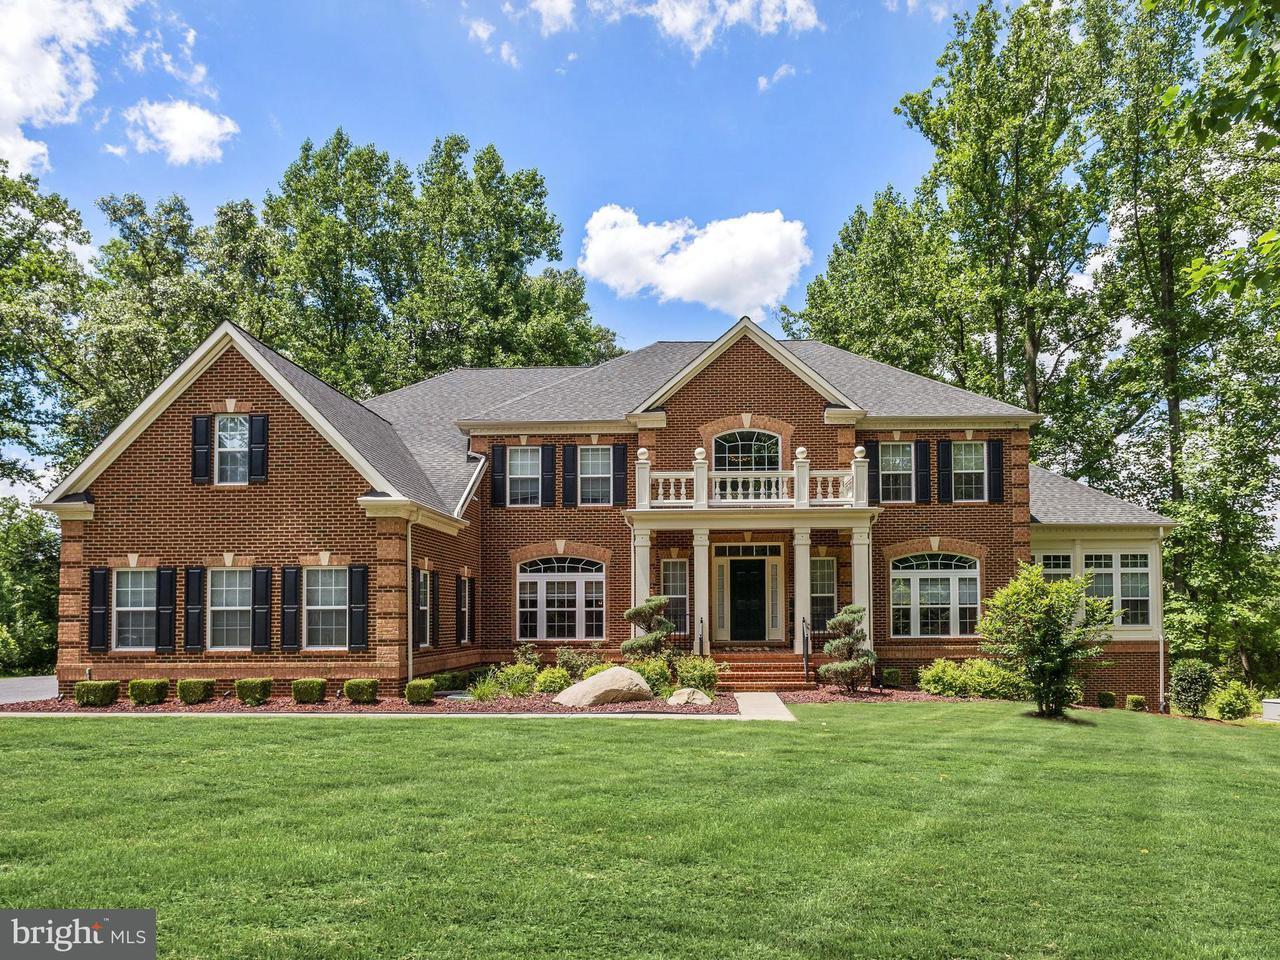 Maison unifamiliale pour l Vente à 3514 TIMBER CREST Lane 3514 TIMBER CREST Lane Woodstock, Maryland 21163 États-Unis